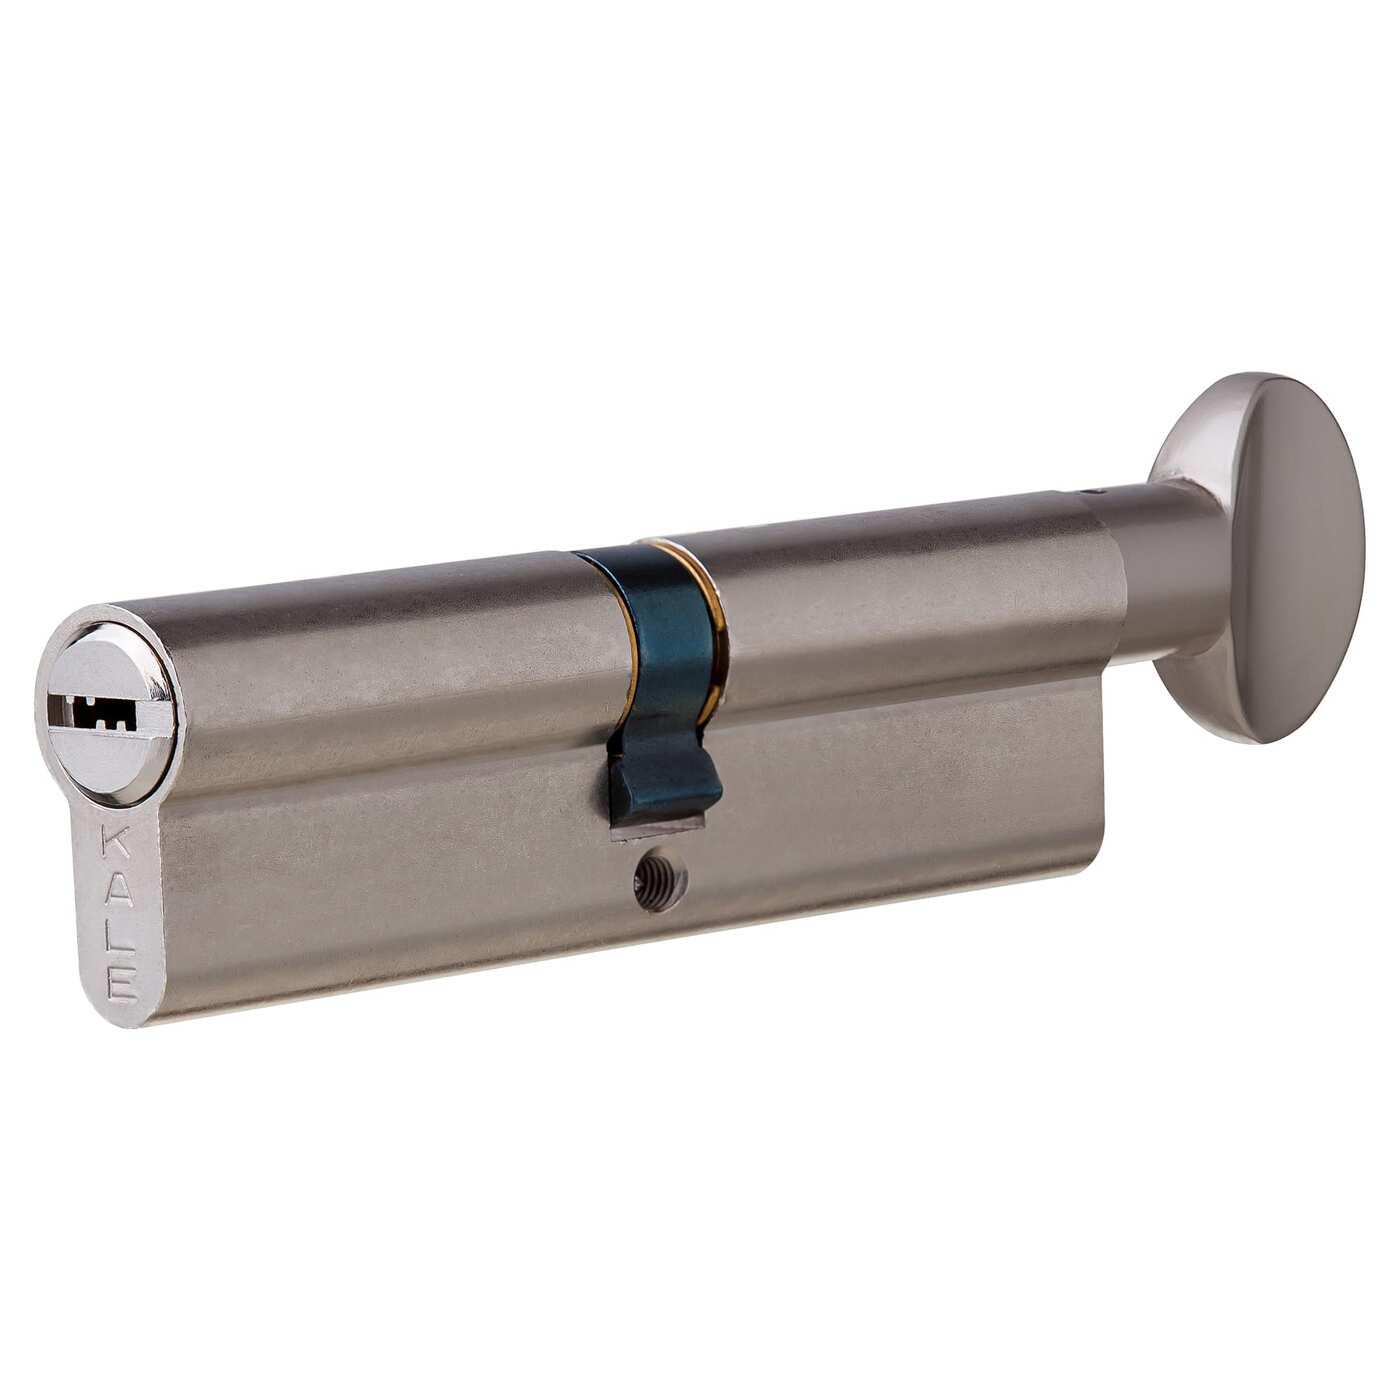 Цилиндр 164BM-100-C-NP, 45х45 мм, ключ/вертушка, цвет никель